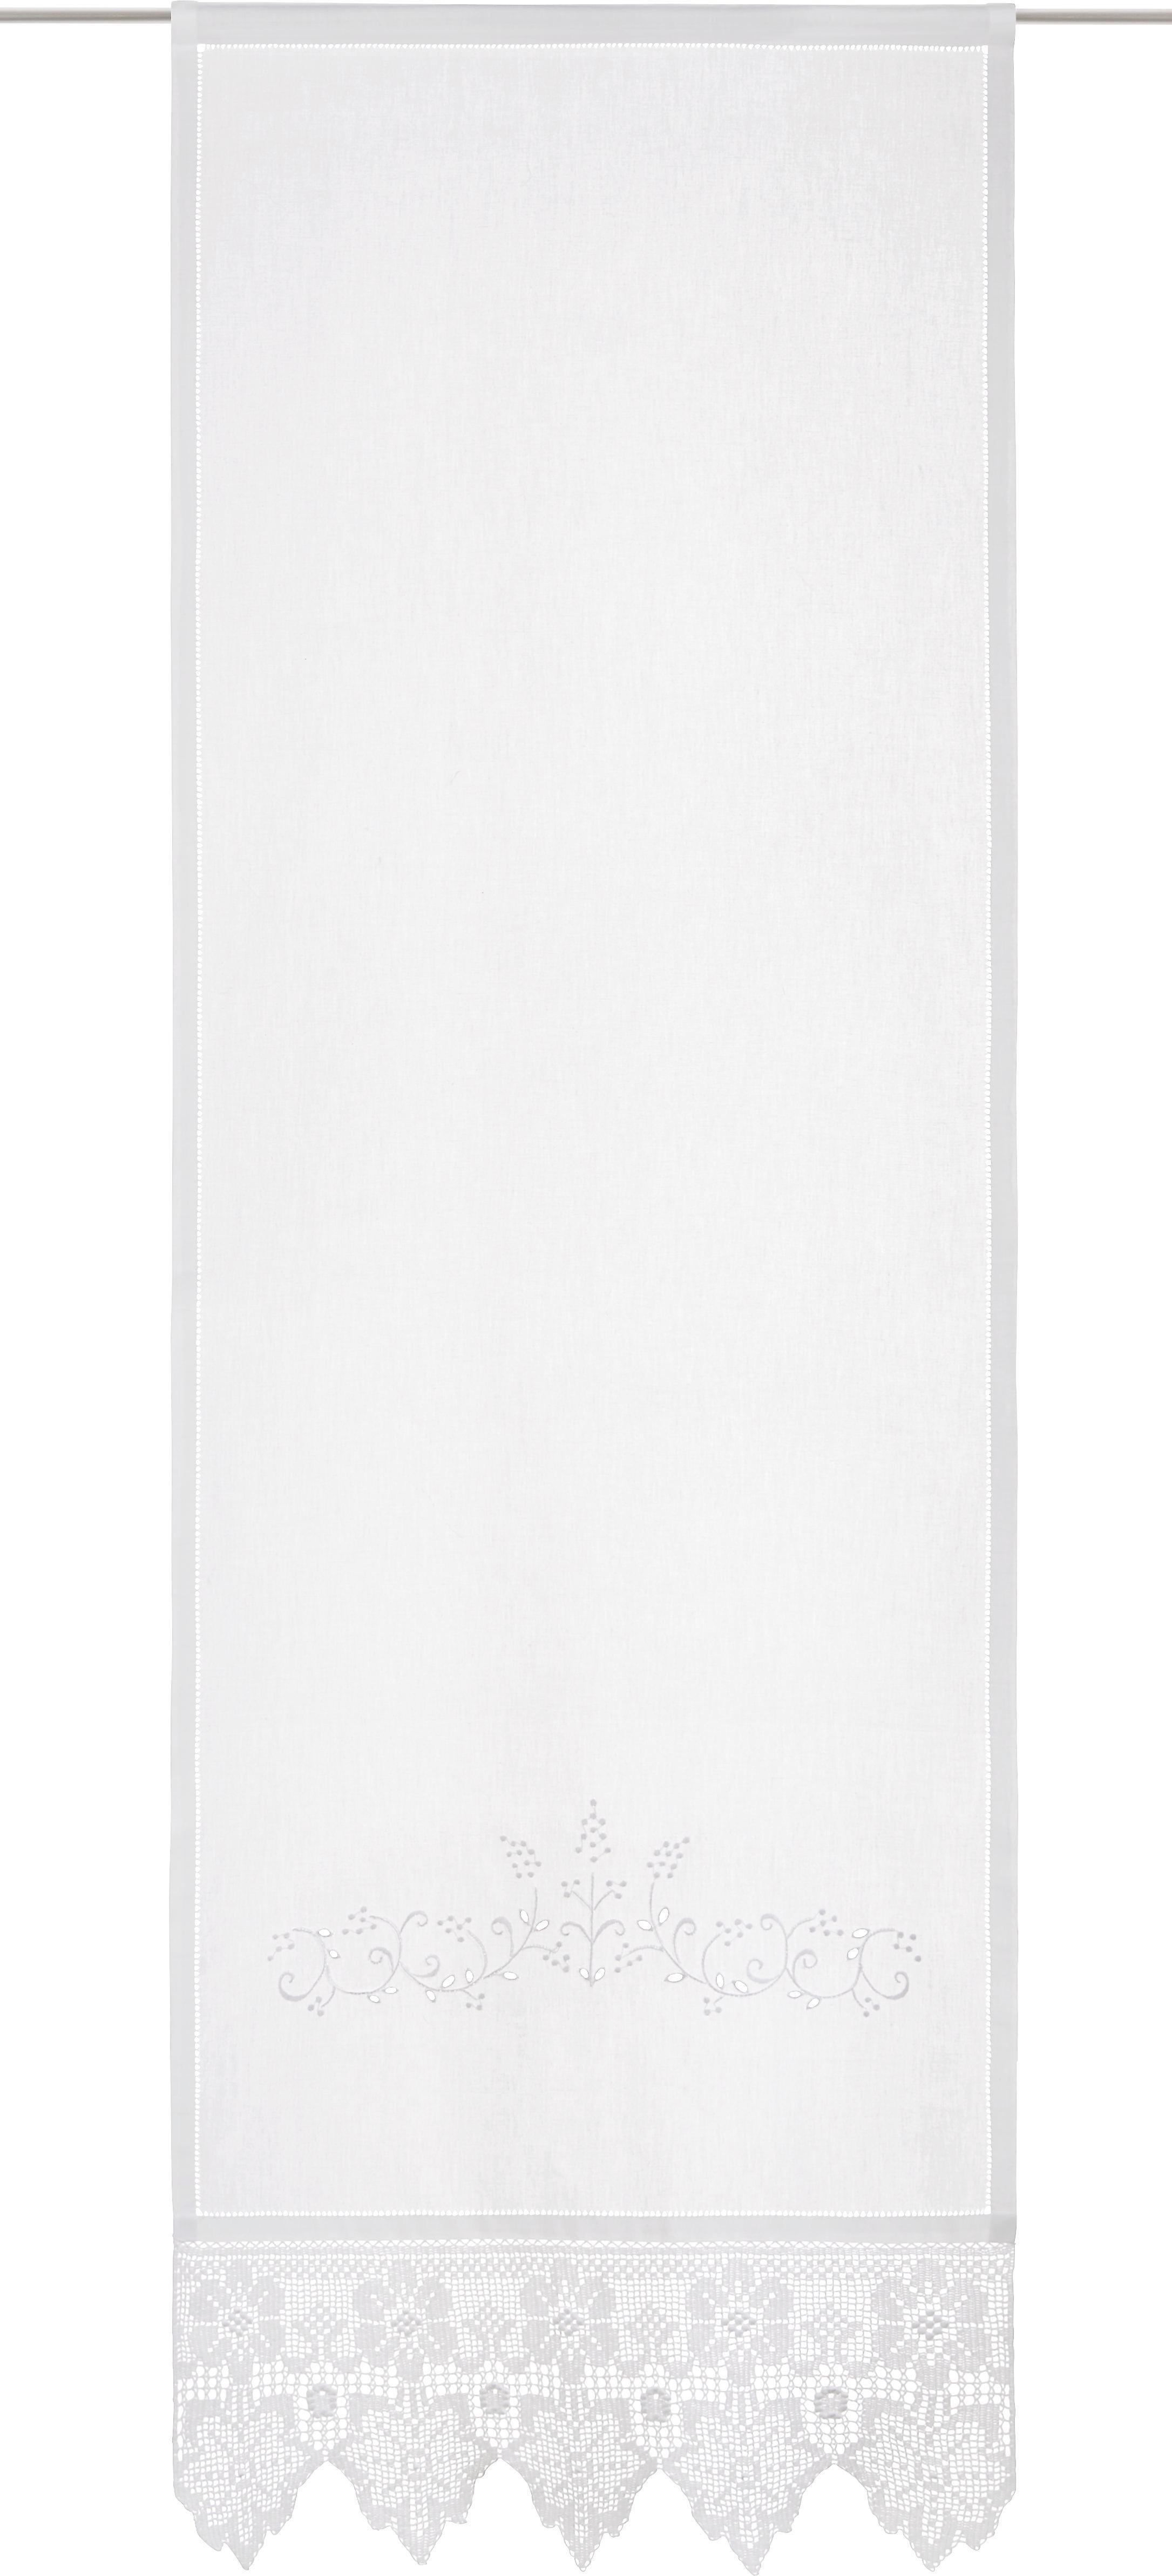 Fertiggardine Margret 60x180cm - Weiß, MODERN, Textil (60/180cm) - MÖMAX modern living